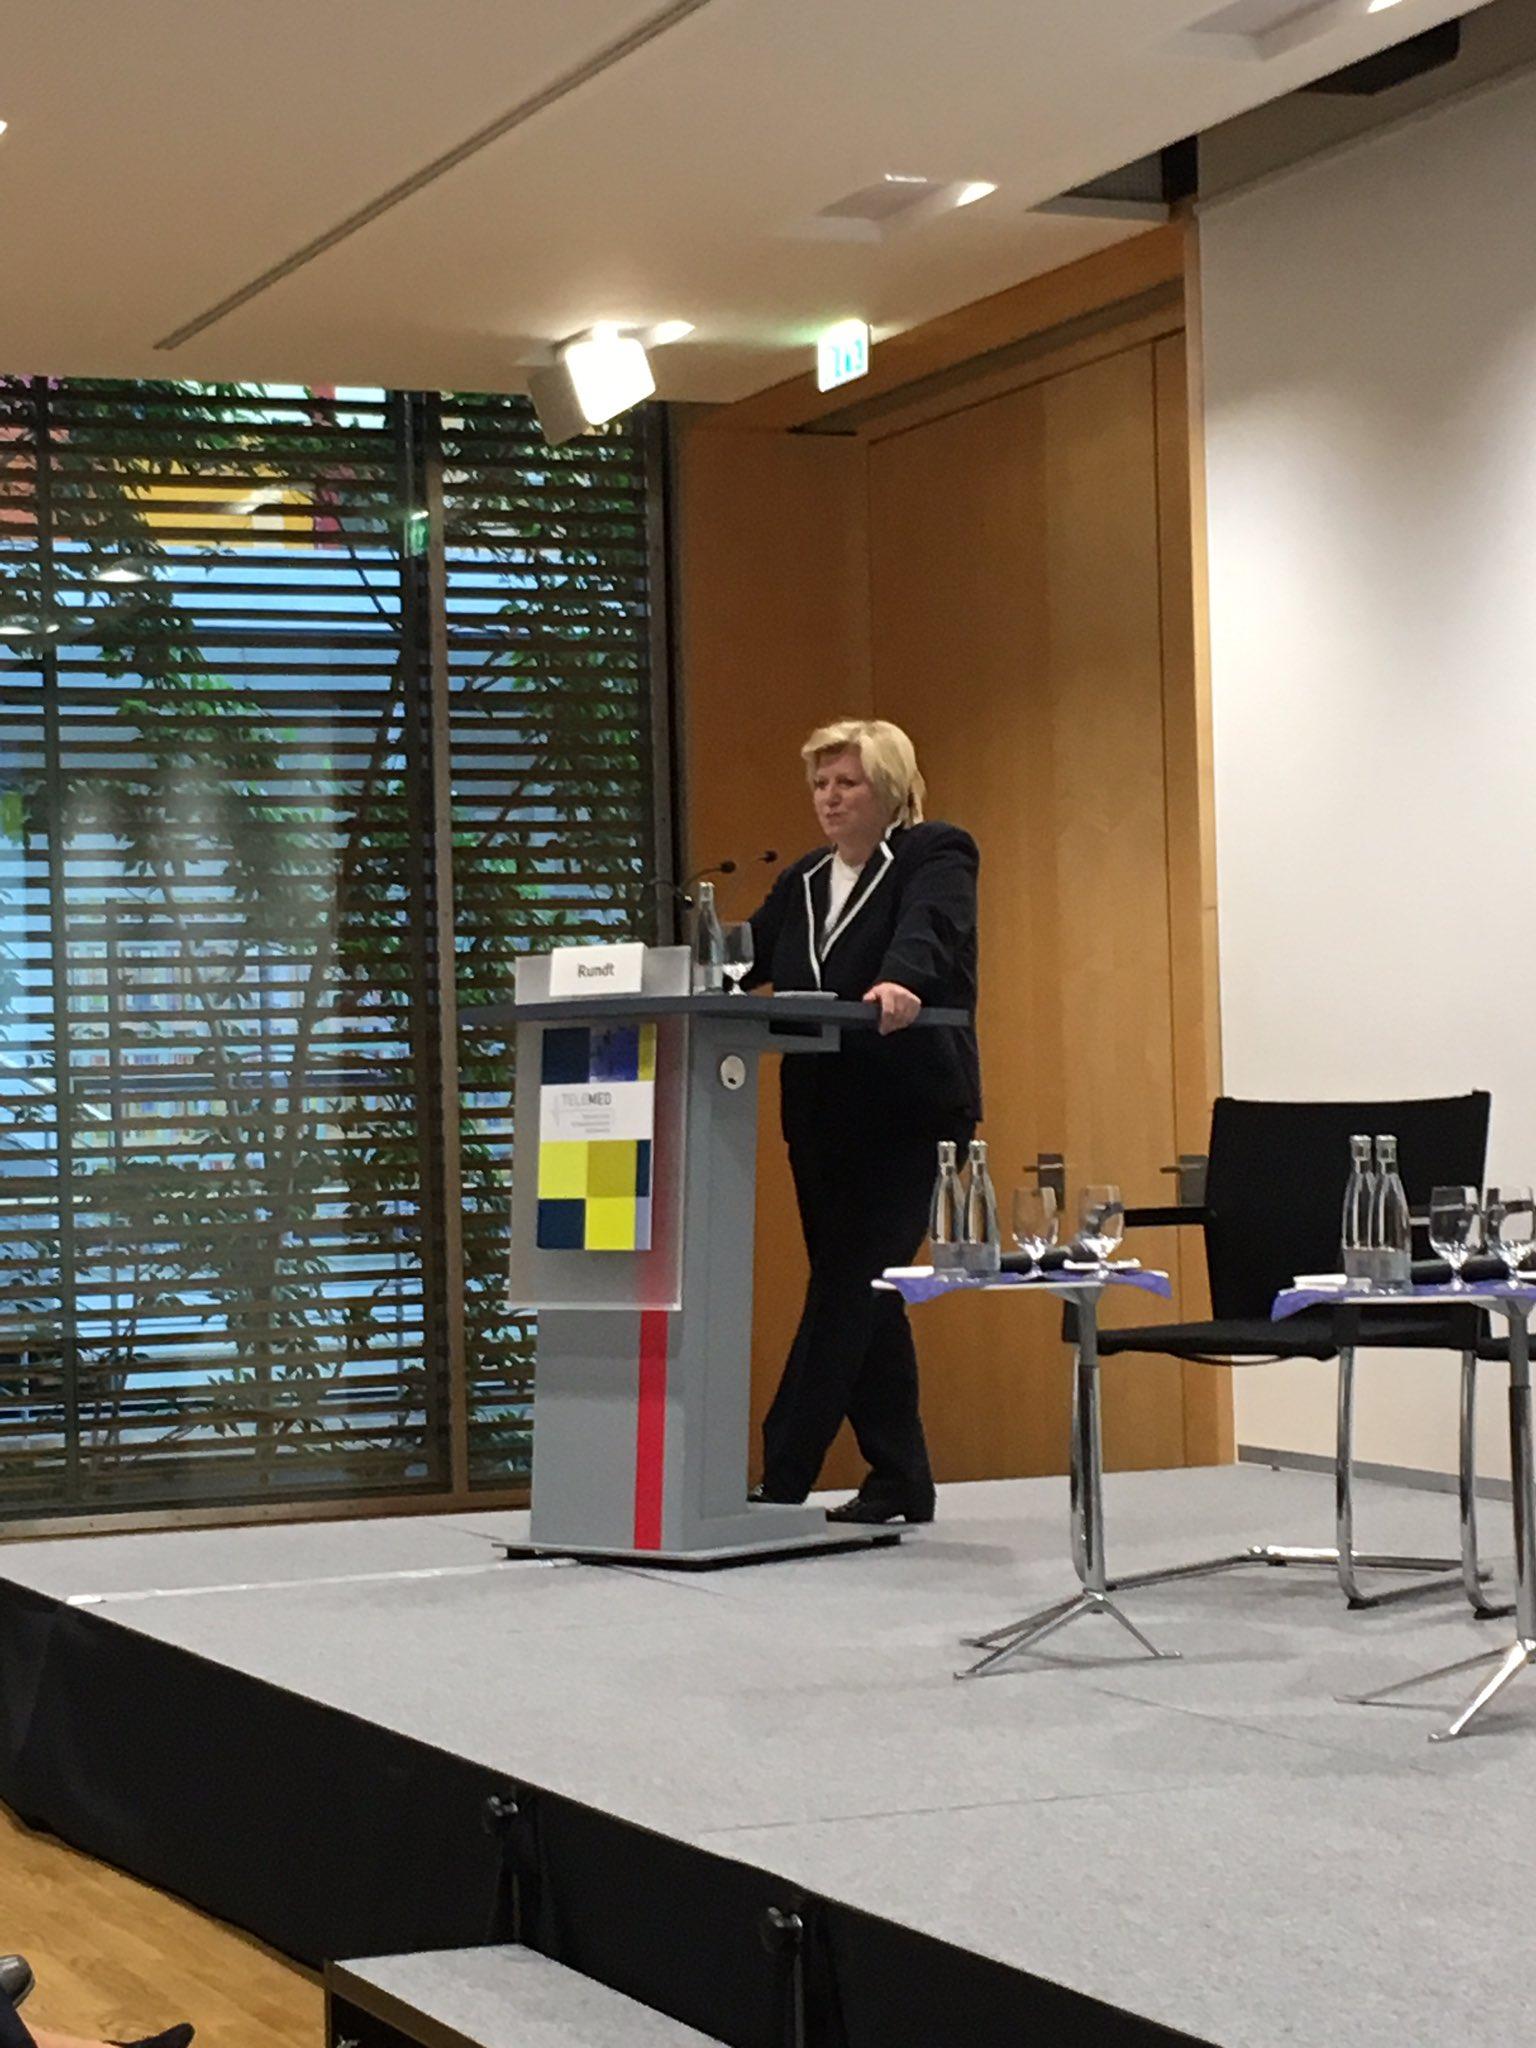 Rundt @NdsLandesReg Wege zum vernetzten Gesundheitswesen: Warum ist Deutschland langsamer als EU Umfeld? #telemed16 https://t.co/zJo0mC7UYk